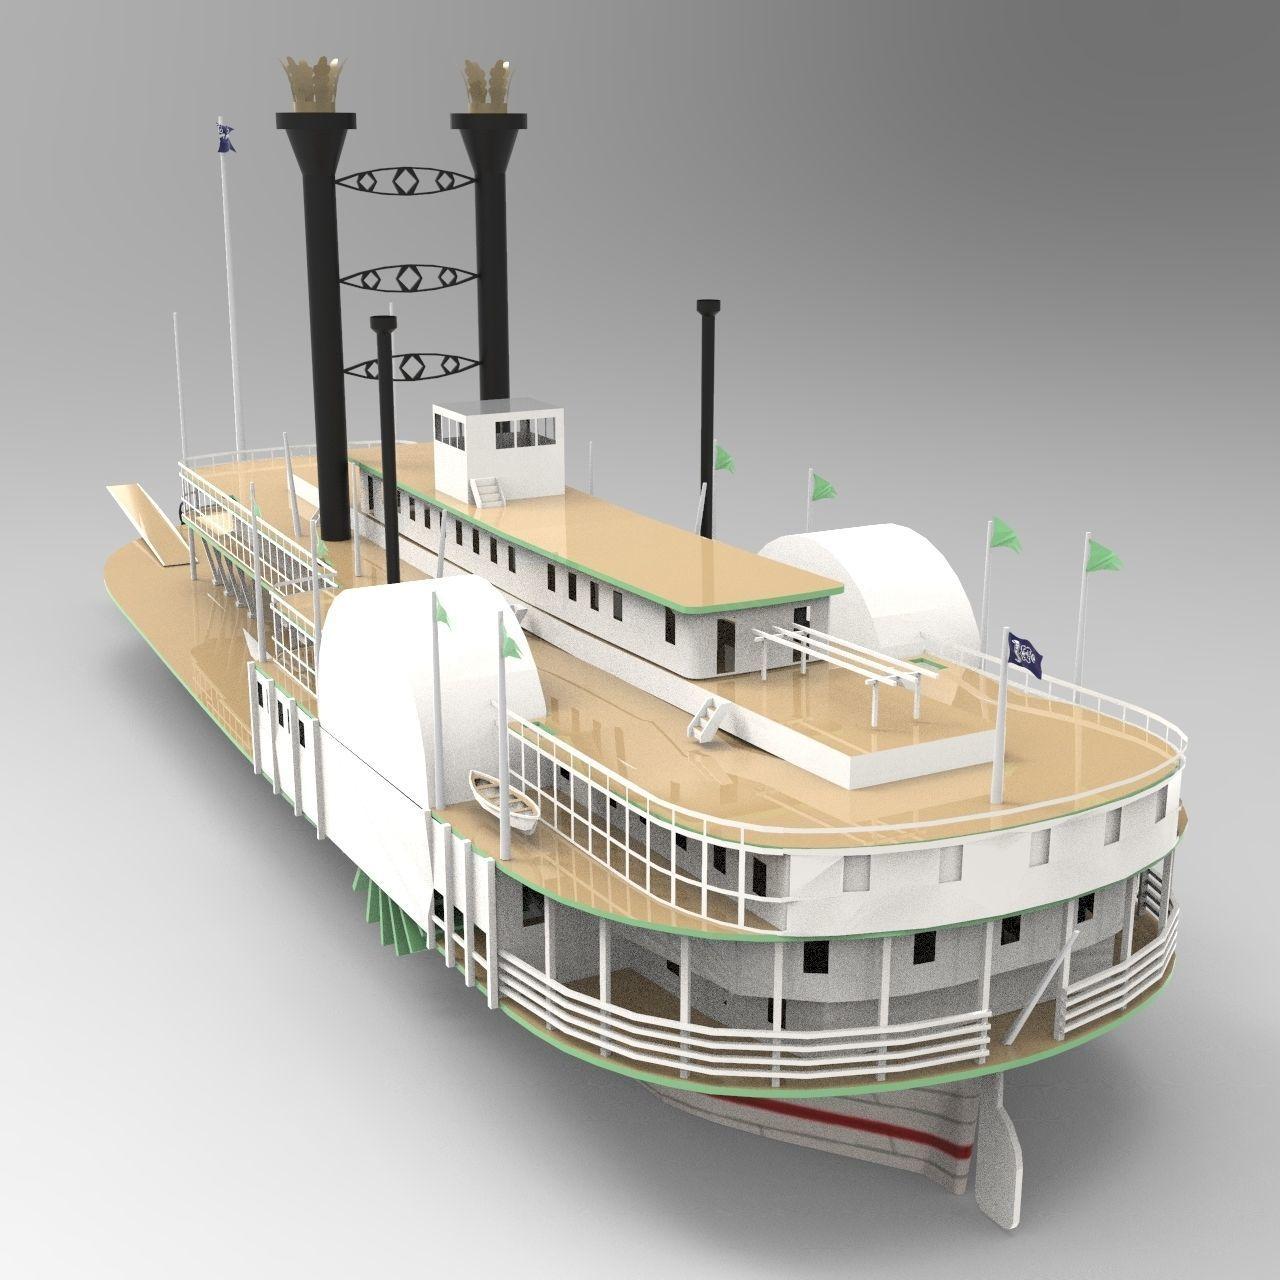 SBM Queen Ship